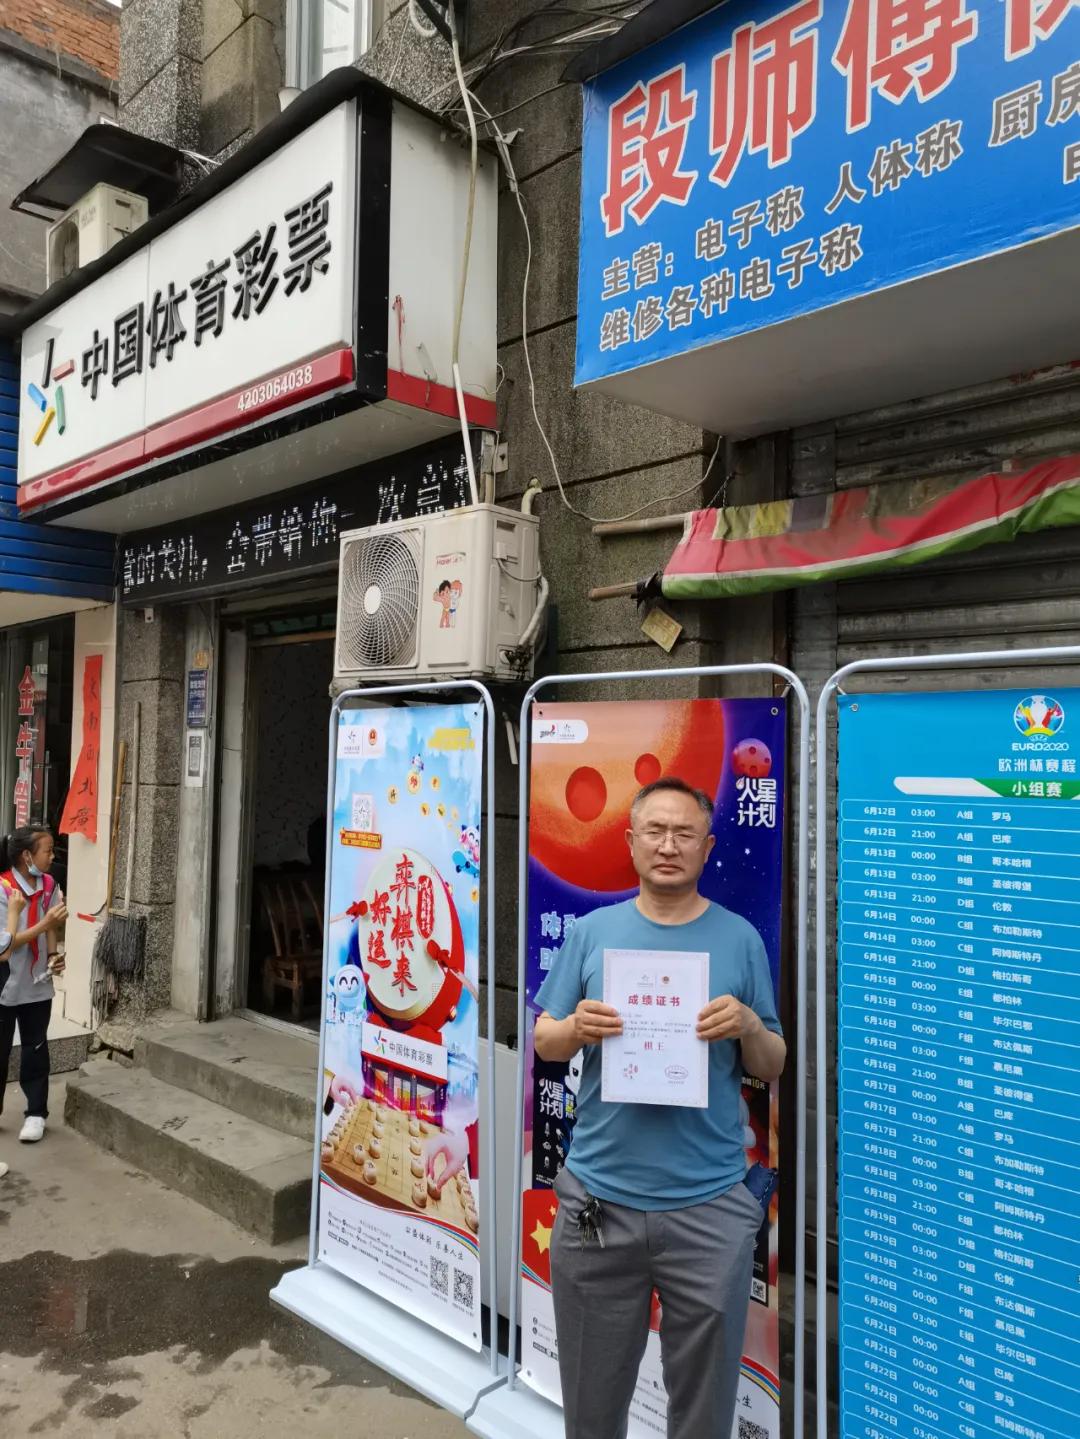 """民间棋王争霸赛十堰赛区8名""""县级棋王""""全部出炉"""